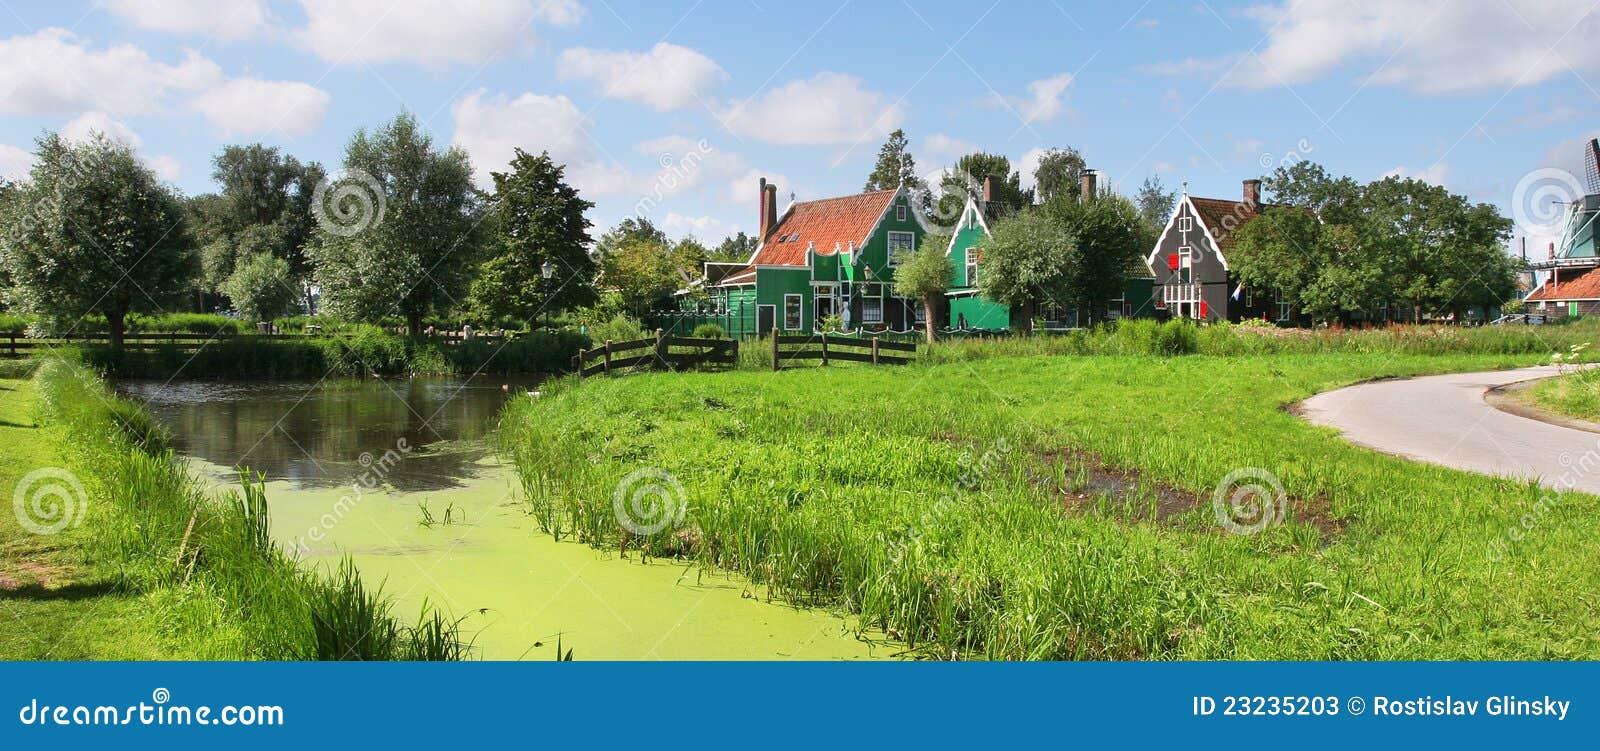 Vista panoramica sul villaggio olandese.